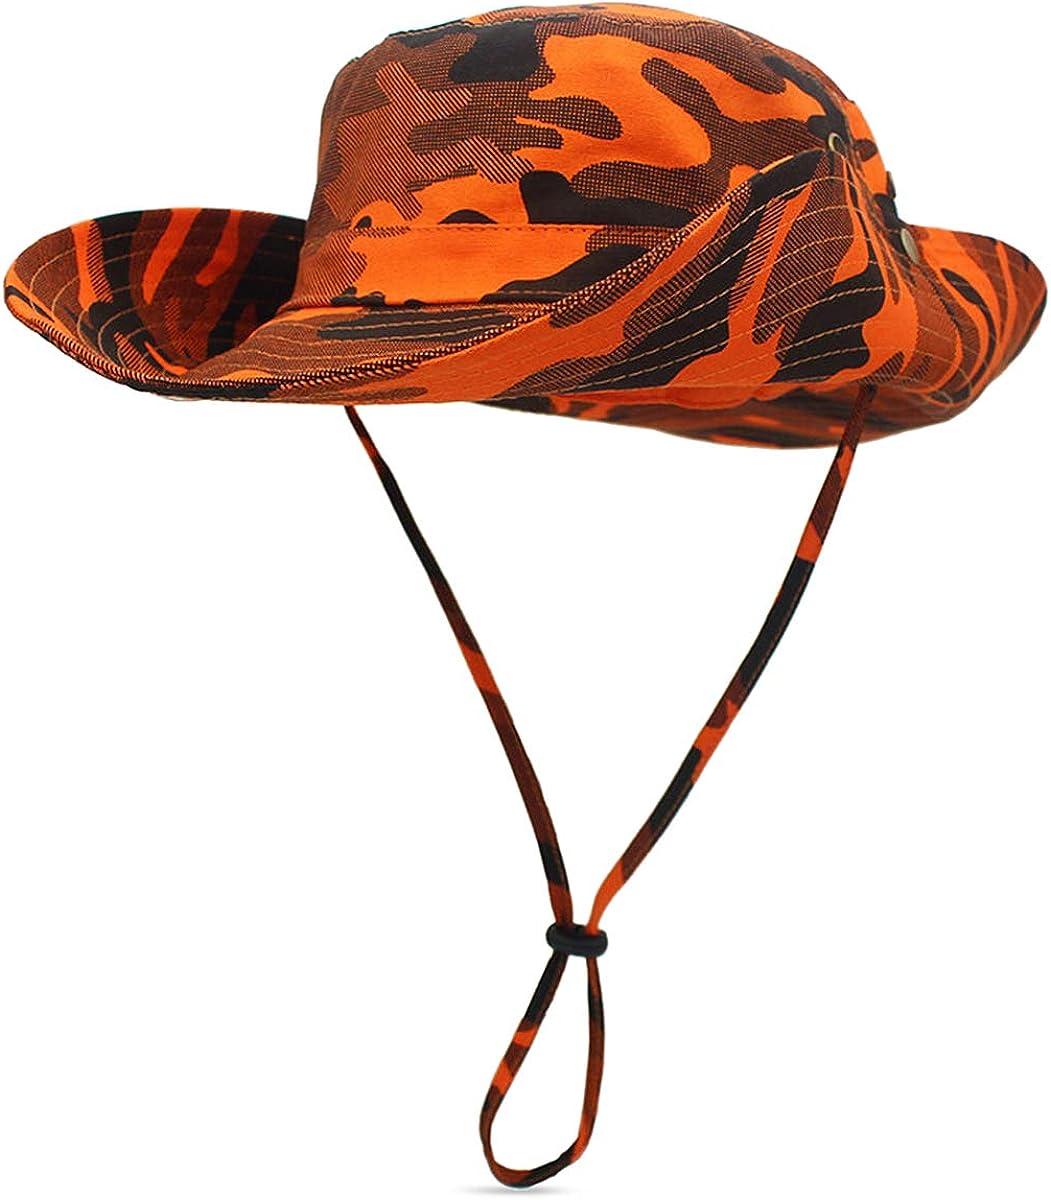 Sombrero de pesca reflectante con borde ancho; gorro antirrayos ultravioleta perfecto para el verano Naranja orange+gray Large UV50+ unisex